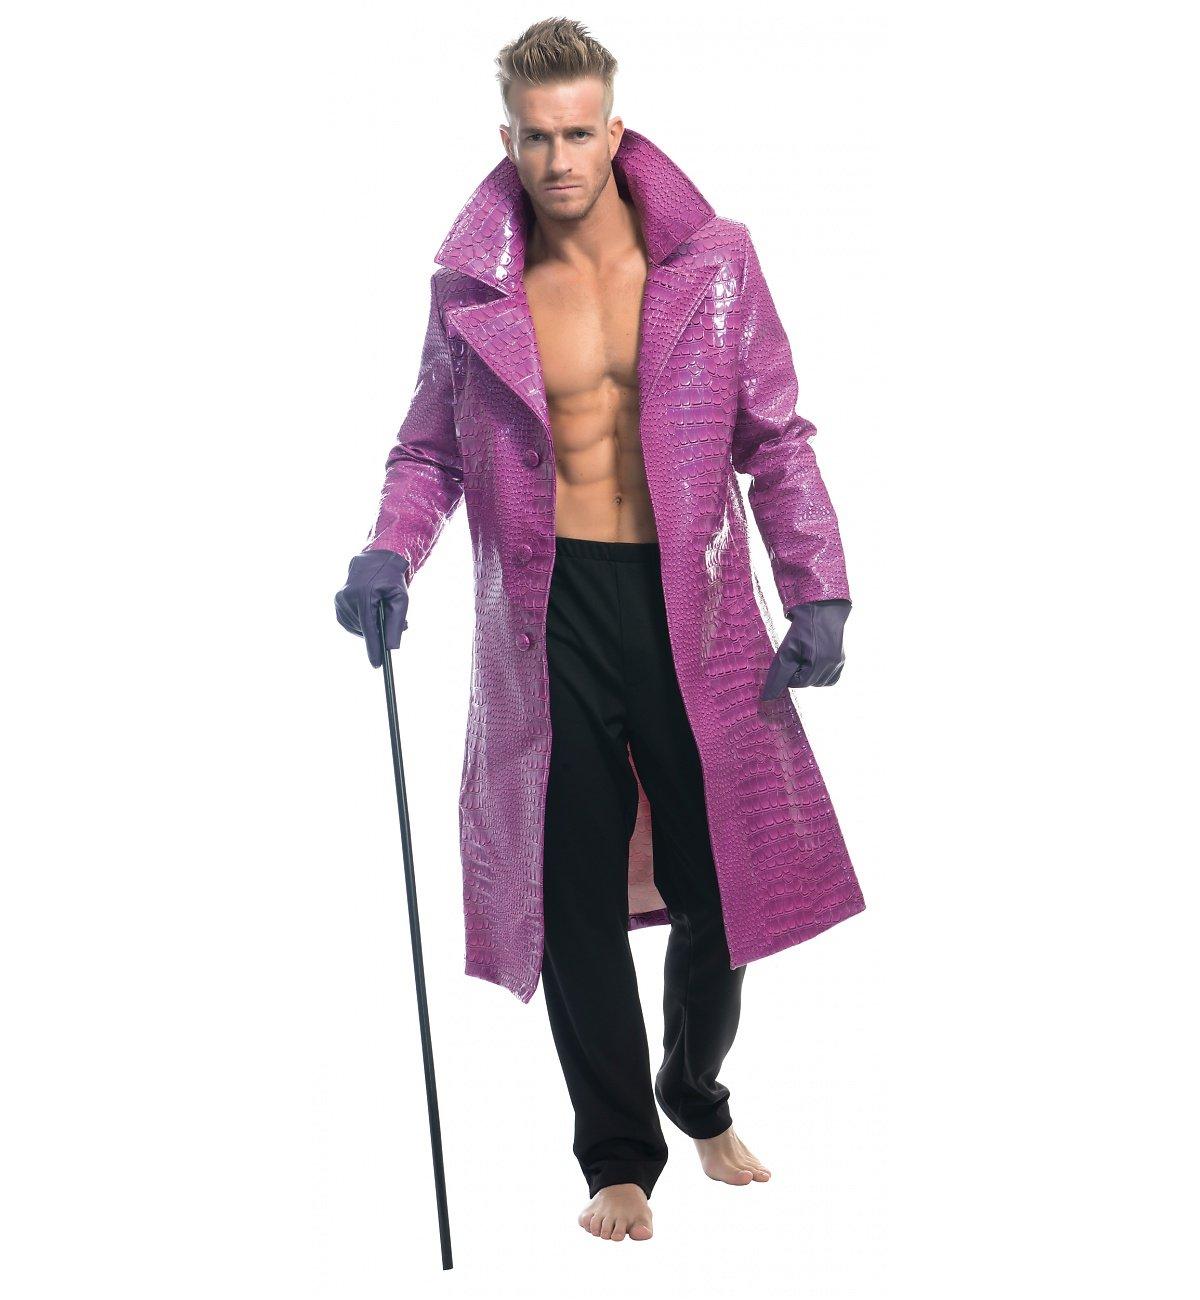 Snakeskin Coat Adult Costume - X-Large